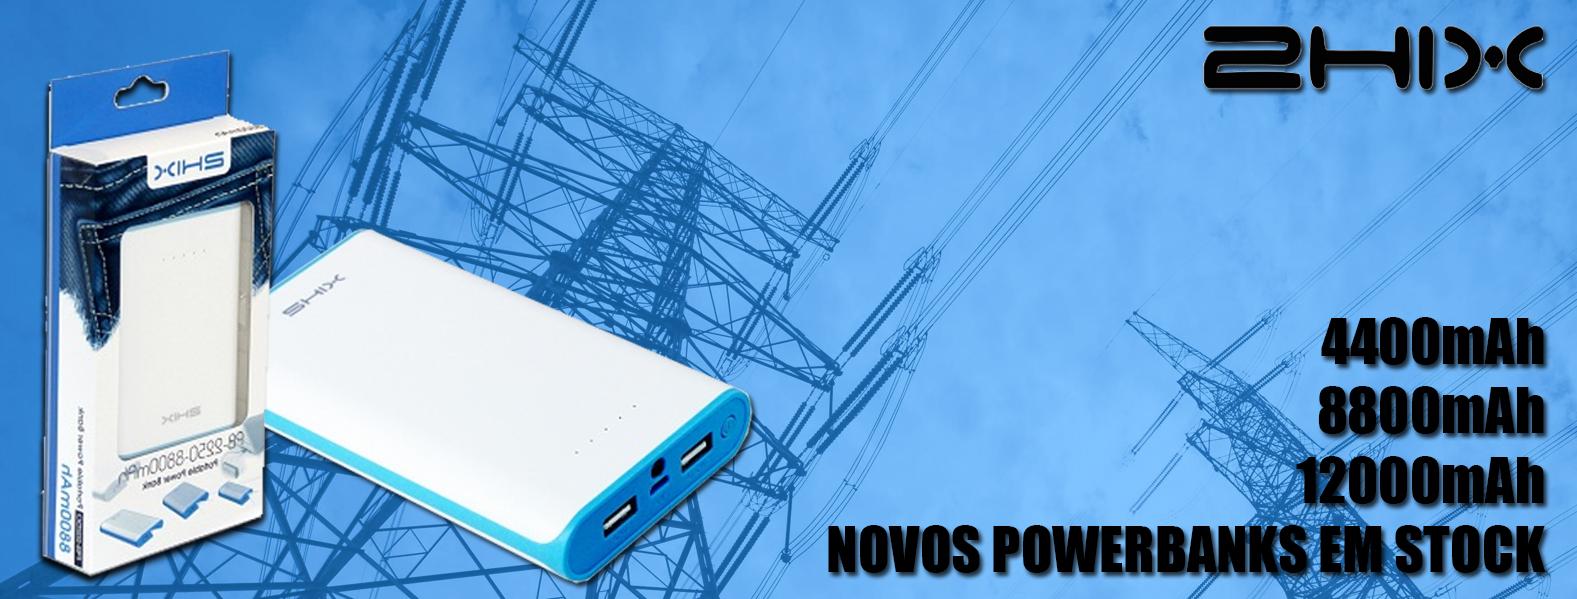 Powerbank 2HIX